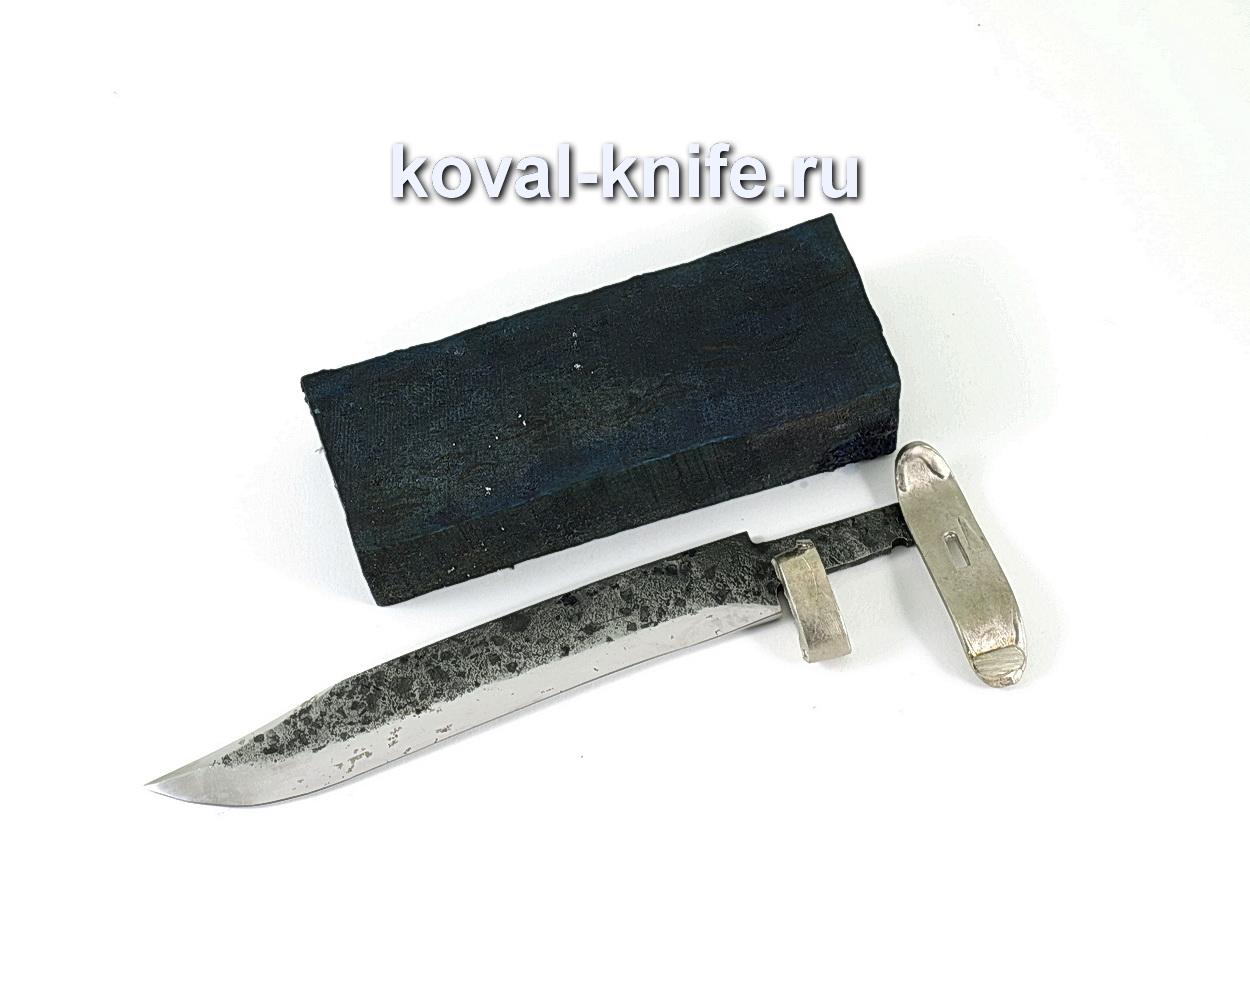 Комплект для ножа НР-40 7 (клинок кованая 9ХС 3,5-5мм, литье 2шт., граб брусок)